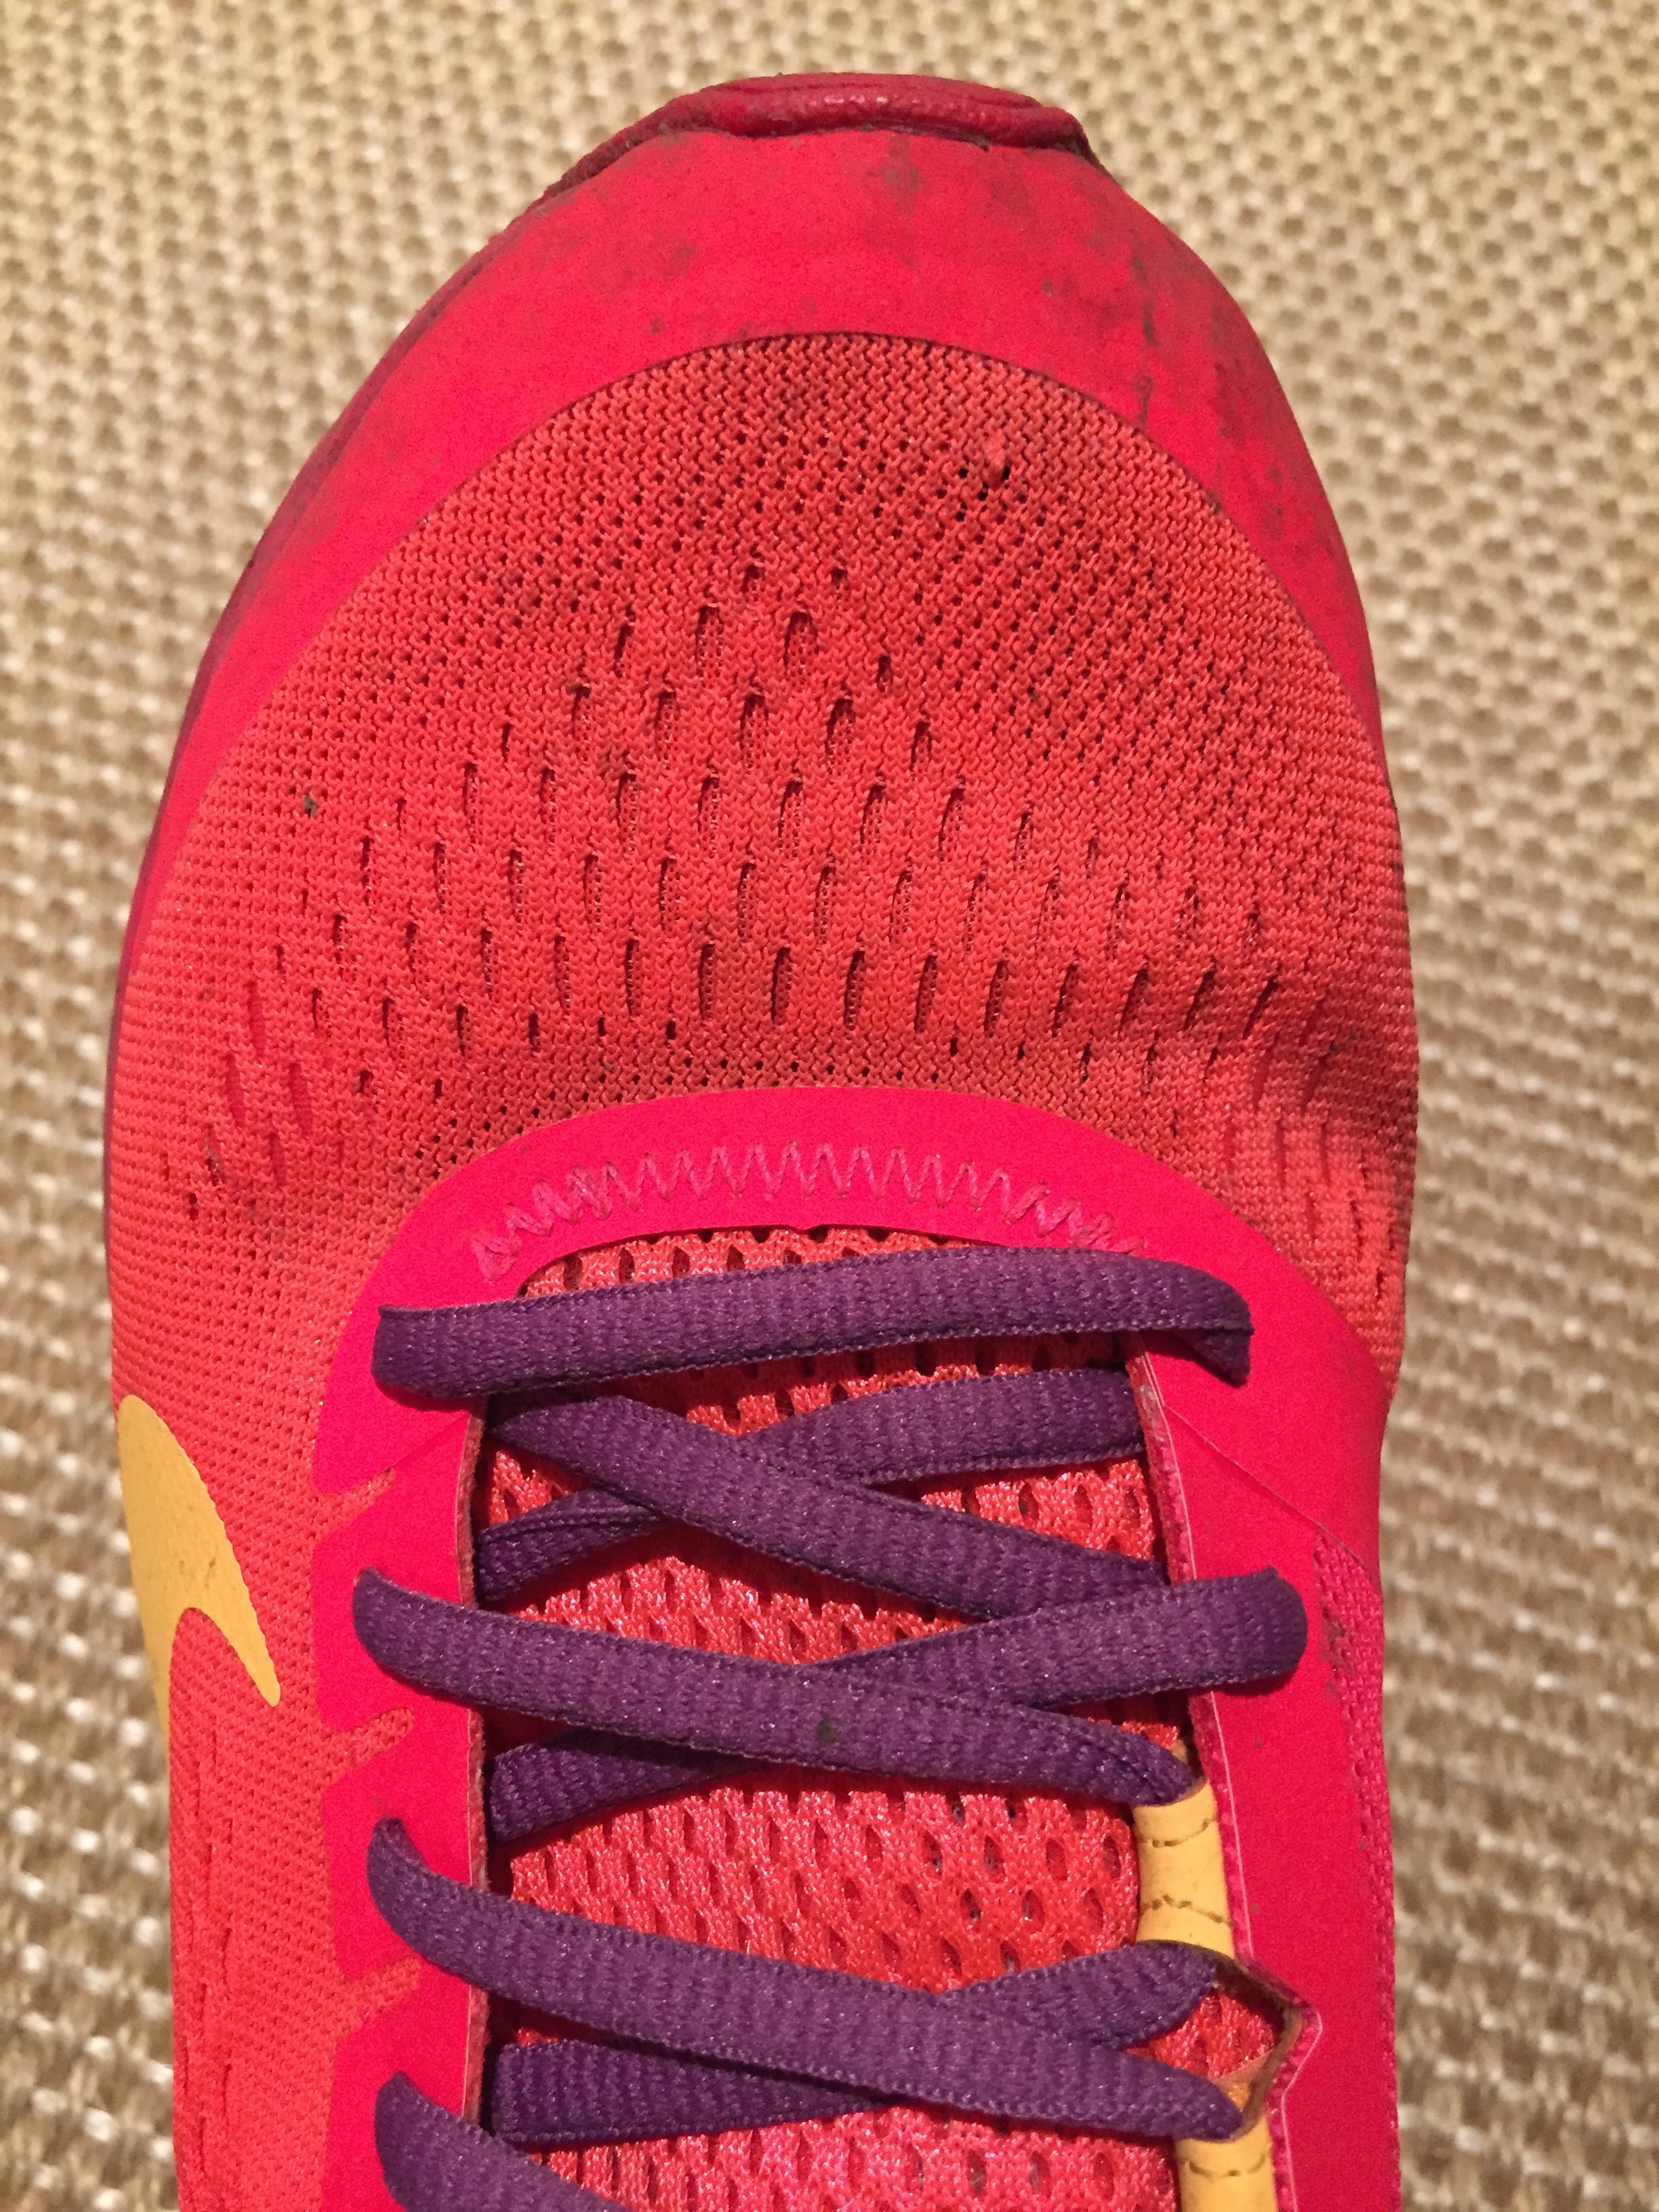 Nike Zoom Structure Aire Opinión De Las Mujeres Sobre 19 Oculta 57wNl